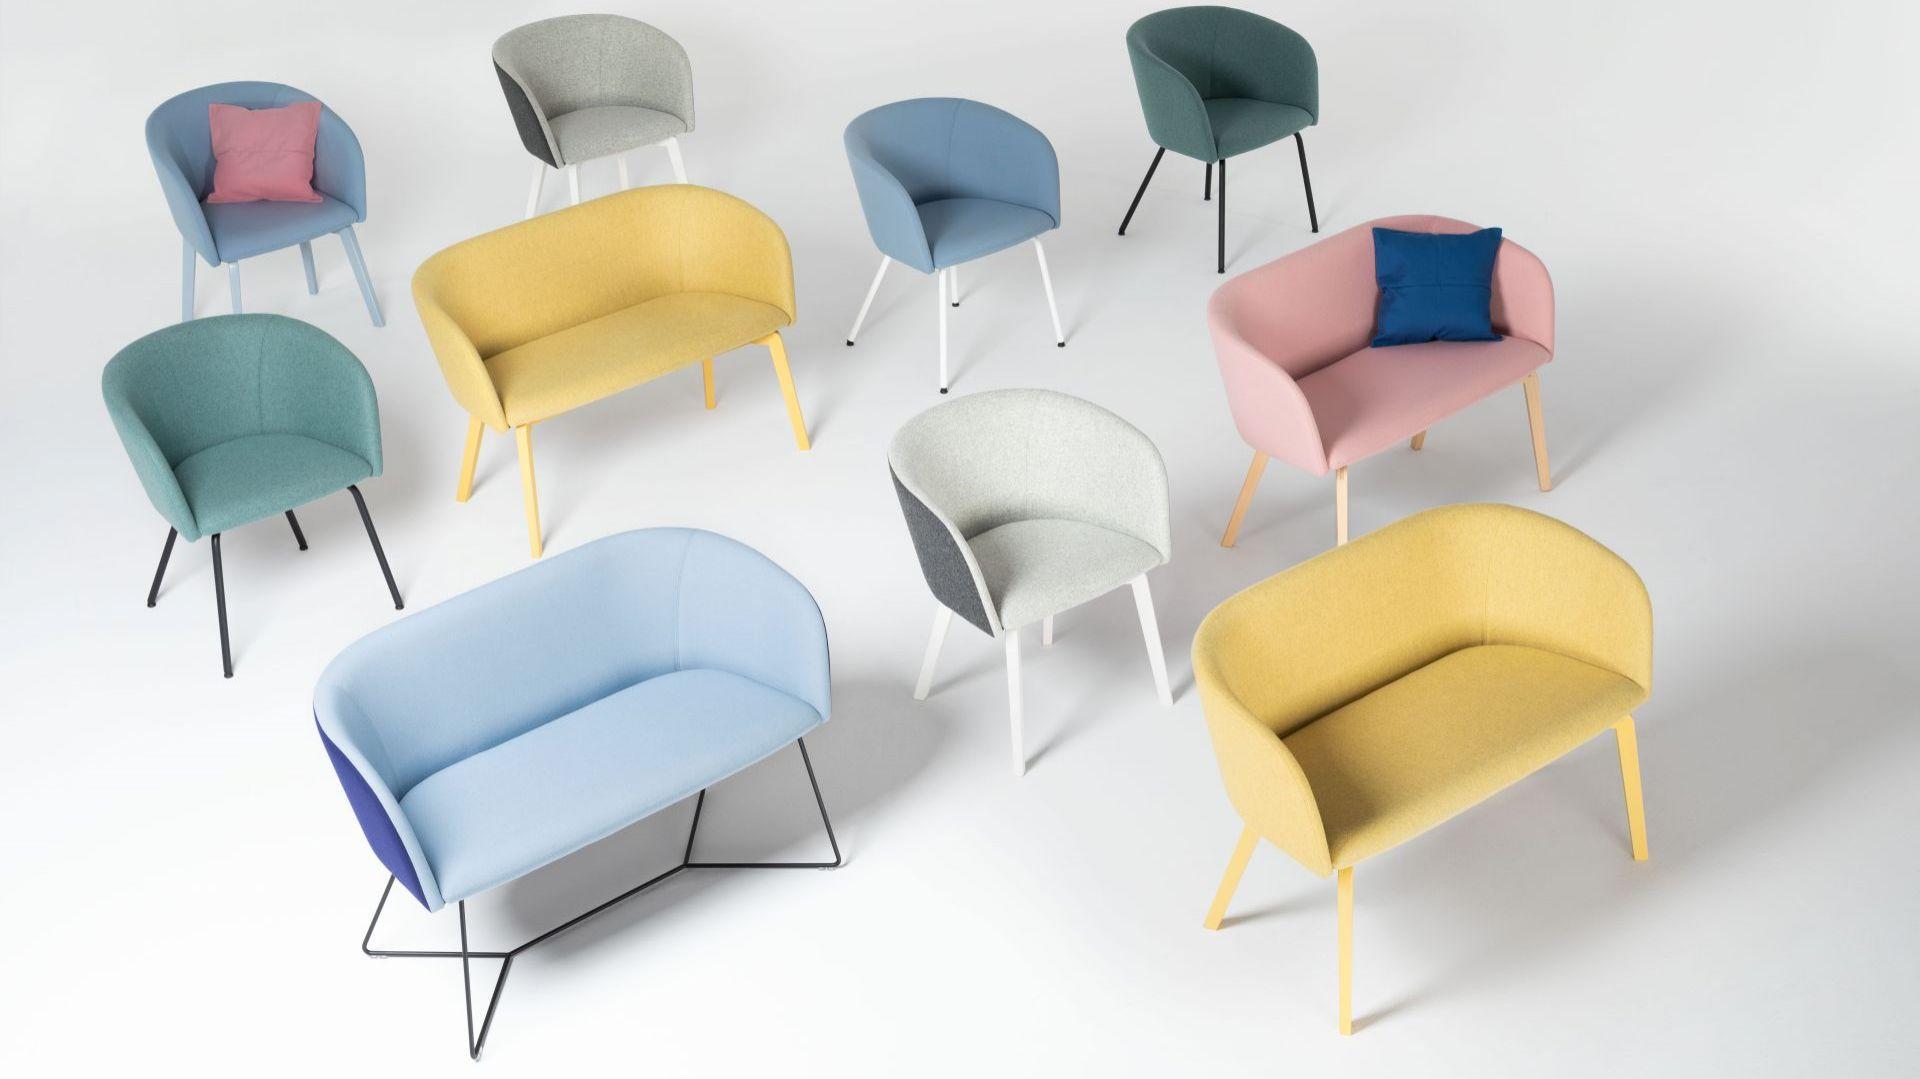 Naudu to nowa kolekcja marki Nowy Styl, dedykowane przestrzeniom biurowym i home office. Fot. Nowy Styl